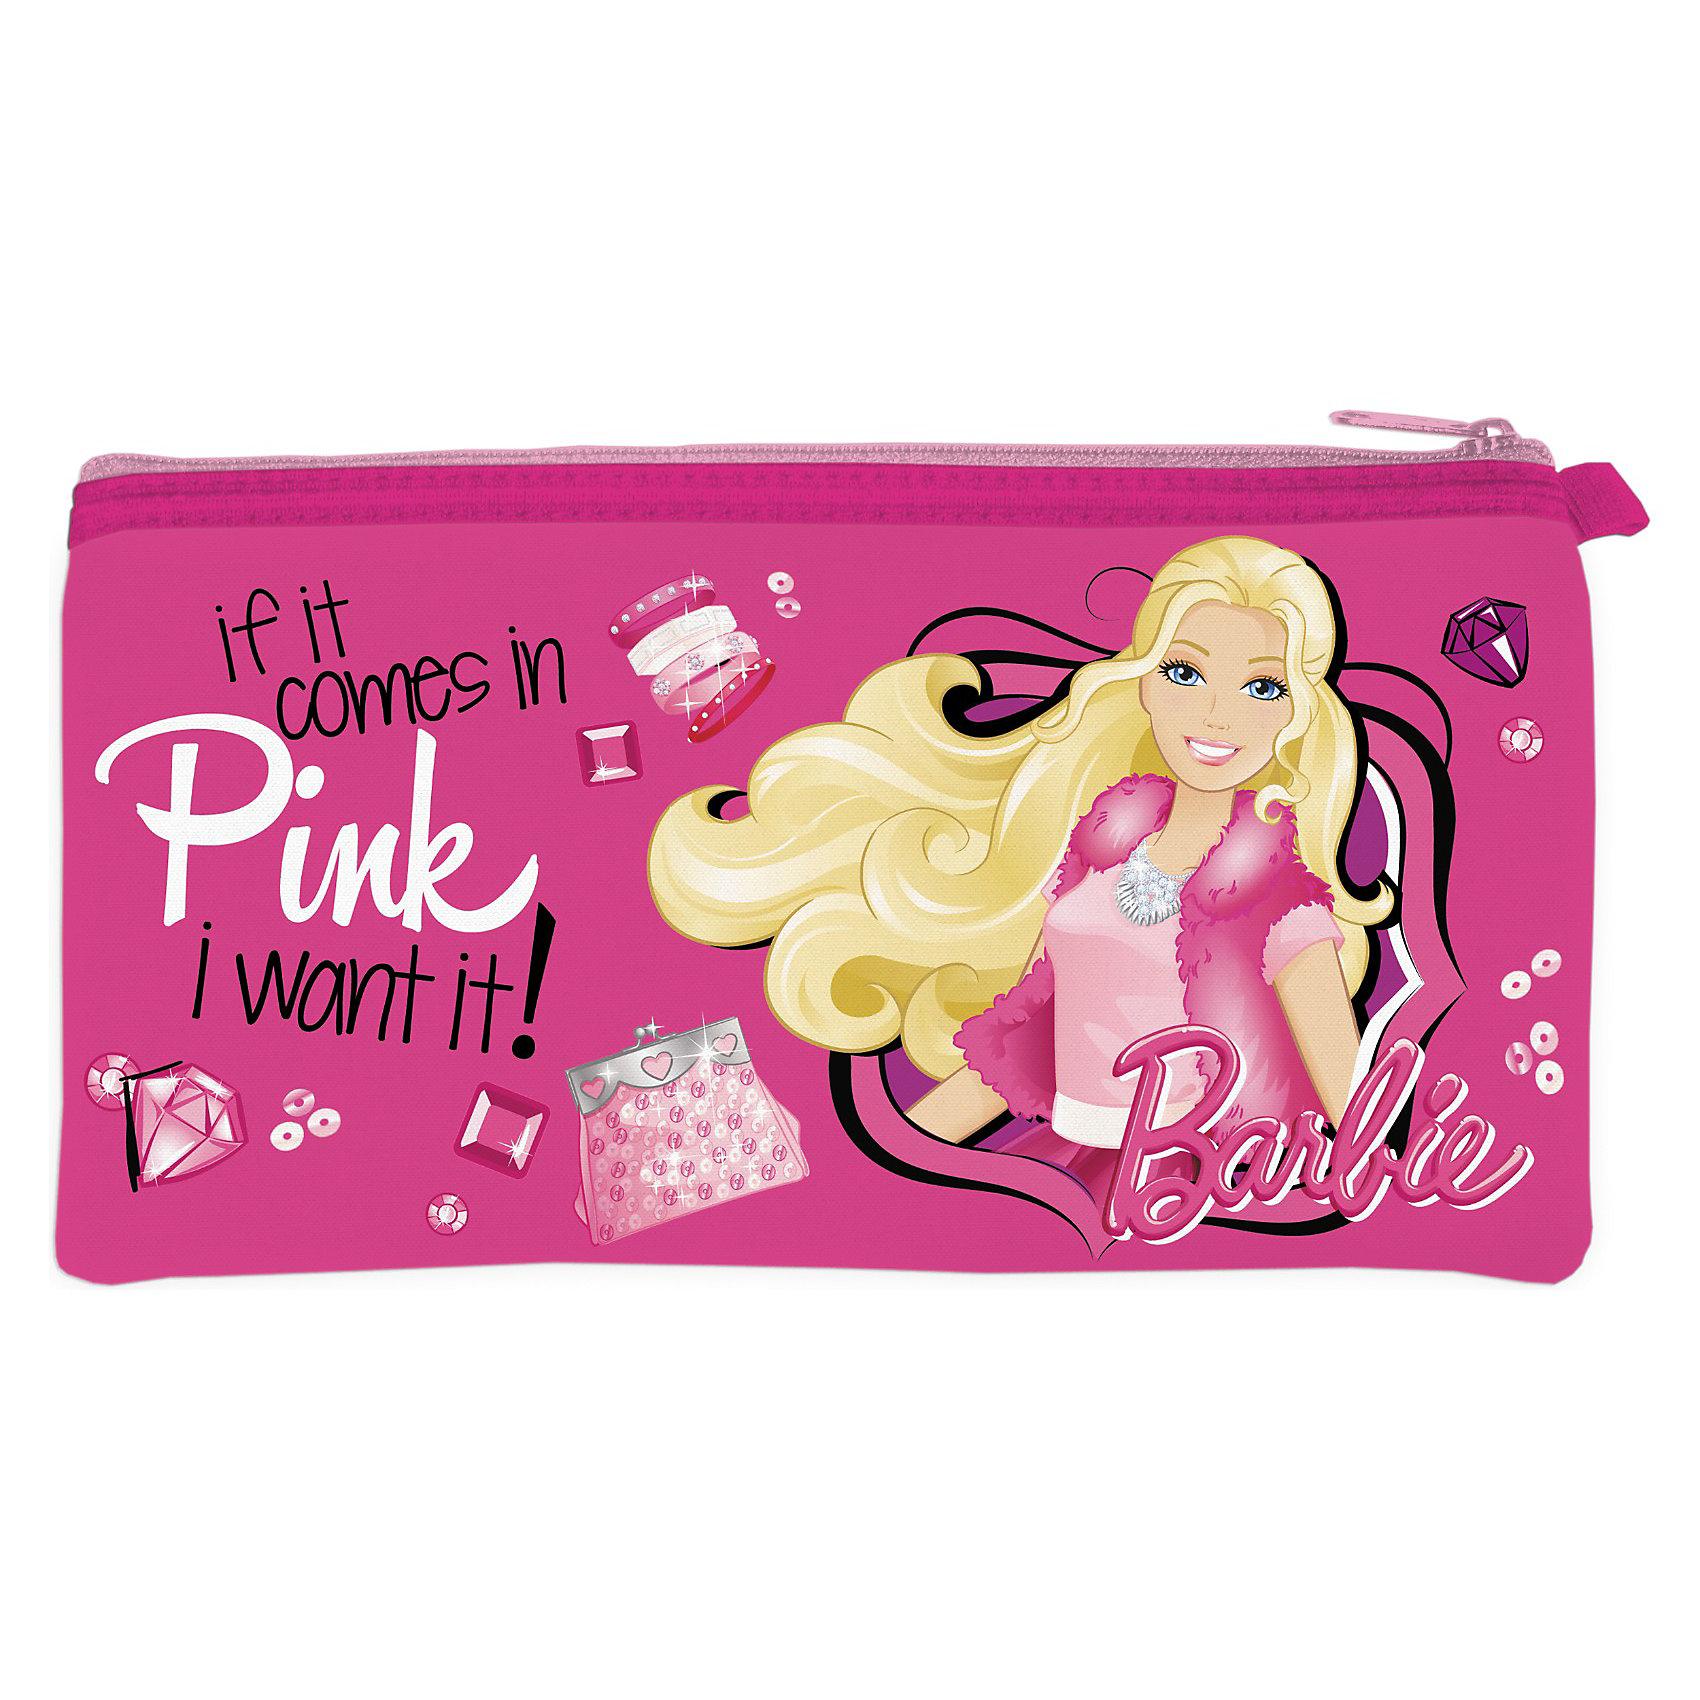 Пенал неопреновый широкий, BarbieBarbie<br>Каждой юной моднице помимо школьных принадлежностей хочется взять с собой много необходимых мелочей. Идеальный помощник для этого неопреновый пенал Barbie (Барби). Он очень вместительный и выглядит как настоящая взрослая косметичка. Пенал закрывается на молнию, поэтому ребенок не потеряет ничего нужного, и ручки не рассыпятся в рюкзак. Практичный пенал с изображением любимой девочками куколки Barbie (Барби).<br><br>Дополнительная информация: <br><br>- Пенал мягкий, лёгкий, декорированный любимой девочками куклой  Barbie (Барби);<br>- Материал - неопрен; <br>- Неопрен - мягкий и упругий материал, защищающий содержимое пенала;<br>- Имеется одно отделение на молнии;<br>- Размер: 20,5 х 11 см;<br>- Вес: 70 г.<br><br>Пенал неопреновый широкий Barbie (Барби) можно купить в нашем интернет-магазине.<br><br>Ширина мм: 250<br>Глубина мм: 200<br>Высота мм: 30<br>Вес г: 300<br>Возраст от месяцев: 48<br>Возраст до месяцев: 84<br>Пол: Женский<br>Возраст: Детский<br>SKU: 3563304